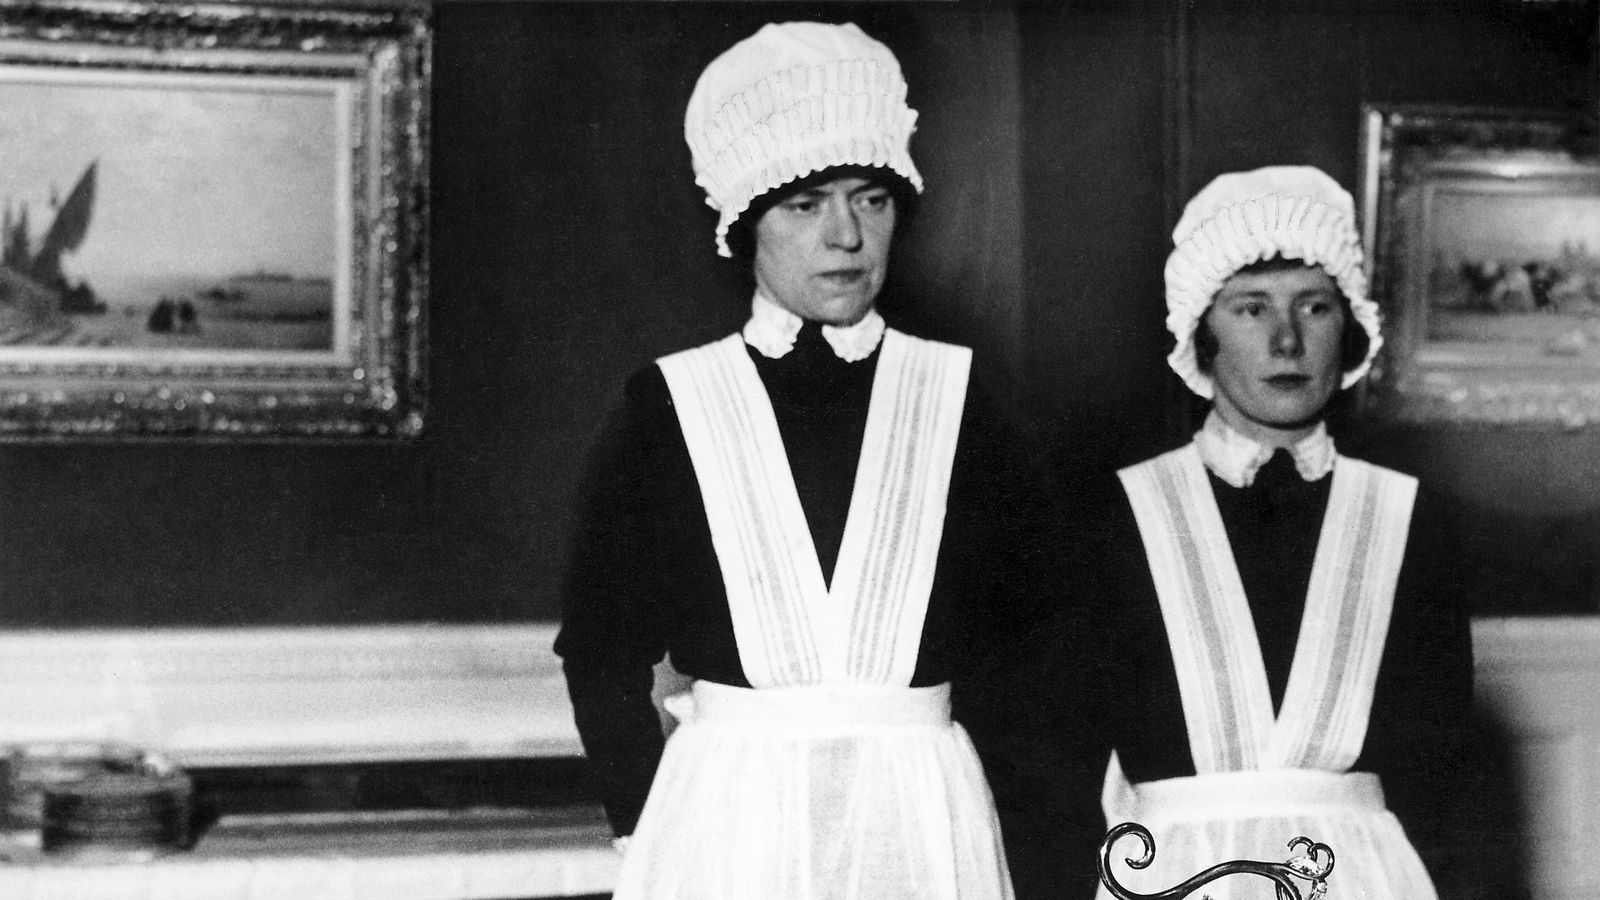 'Cambrera i ajudant de cambrera preparades per servir el sopar', de Bill Brandt (1936)